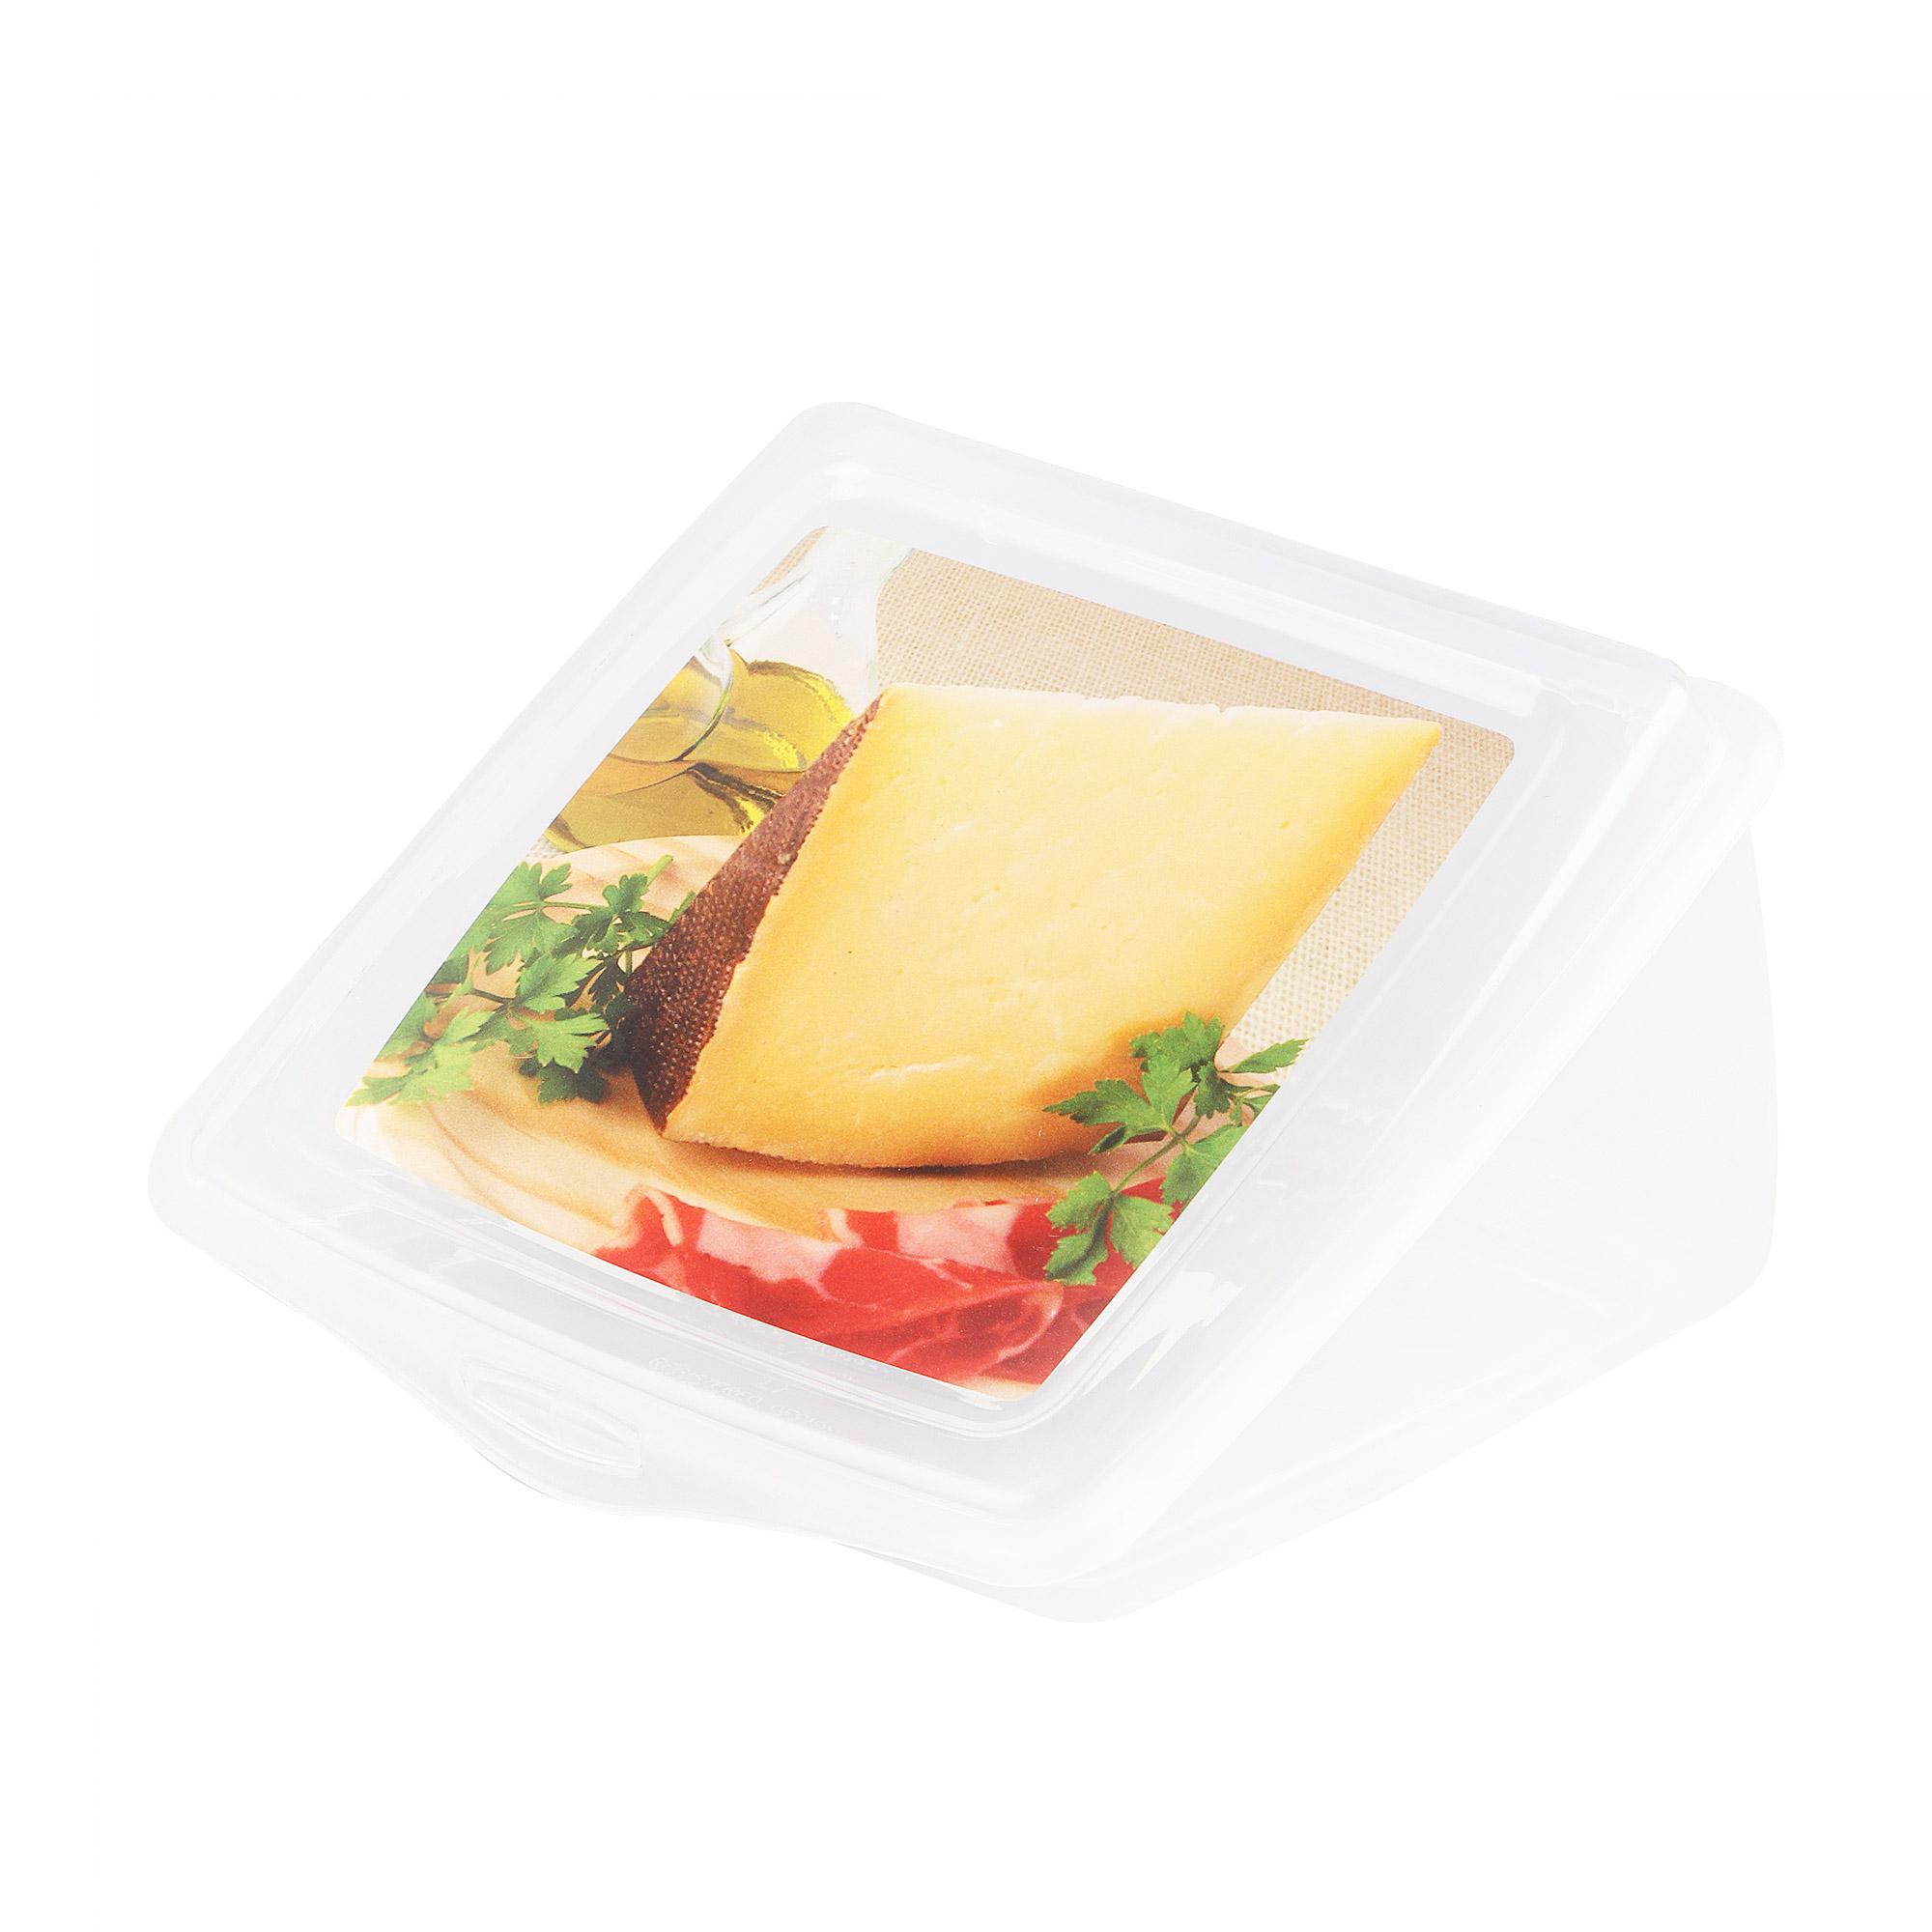 Контейнер для сыра Hega 13 см фото